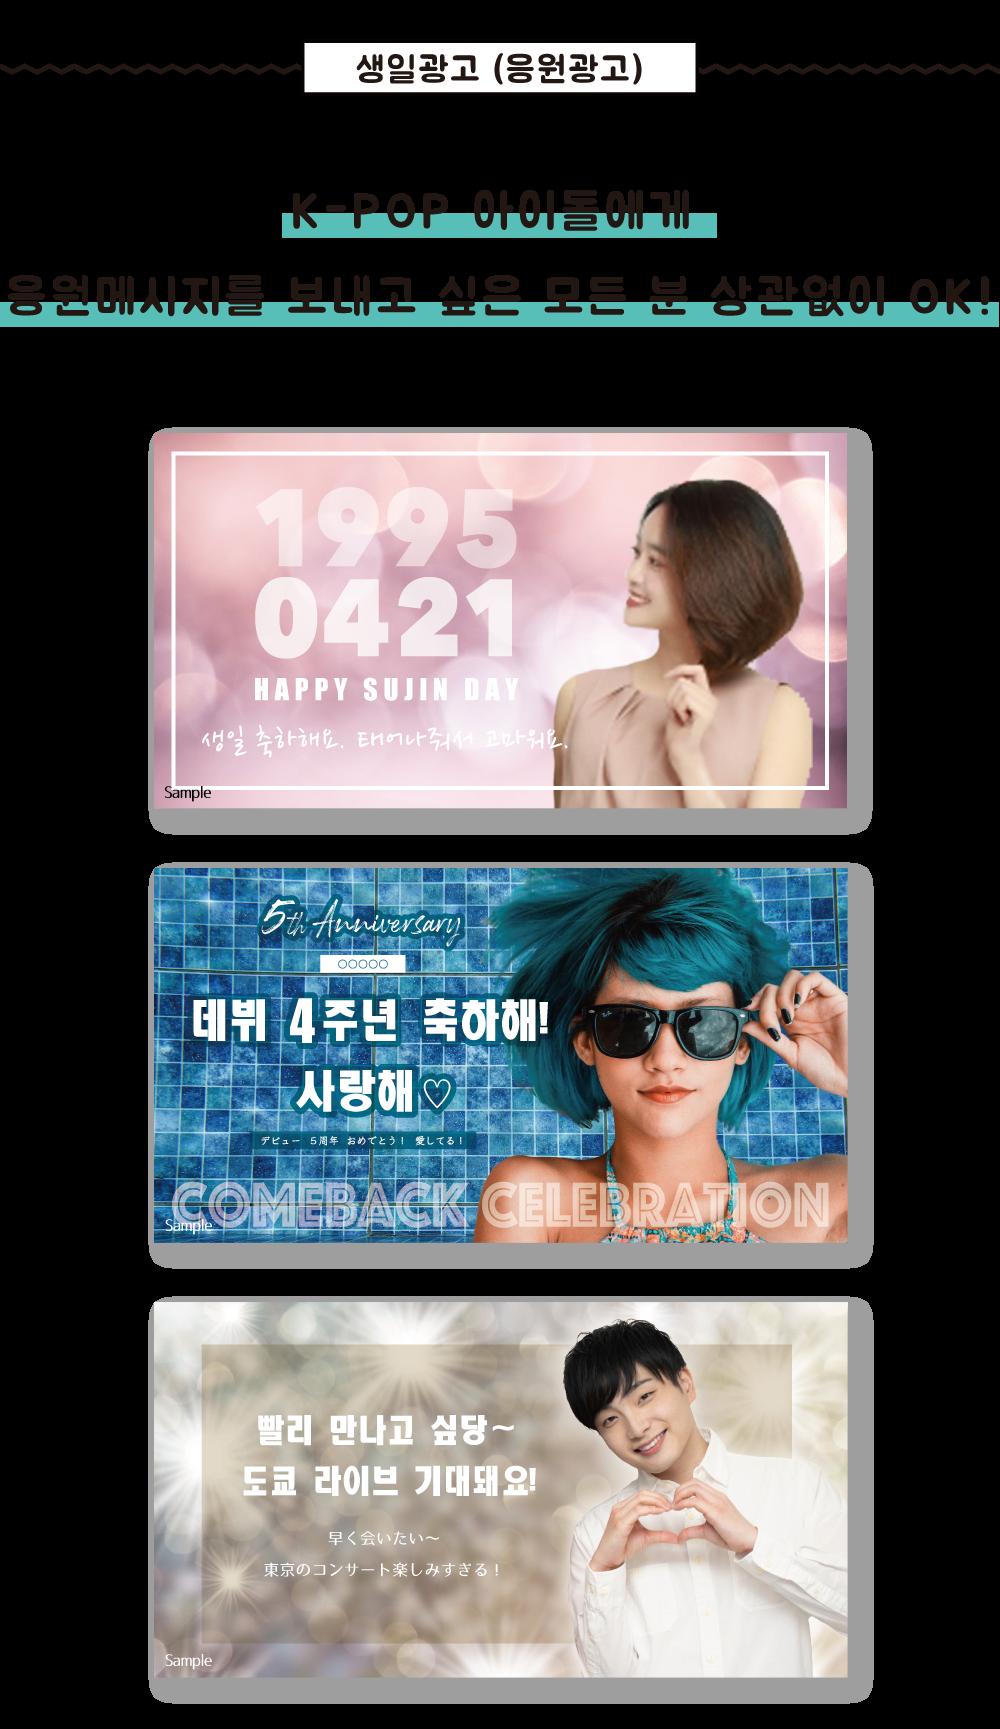 [생일광고 (응원광고)] K-POP 아이돌에게 응원메시지를 보내고 싶은 모든 분 상관없이 OK!